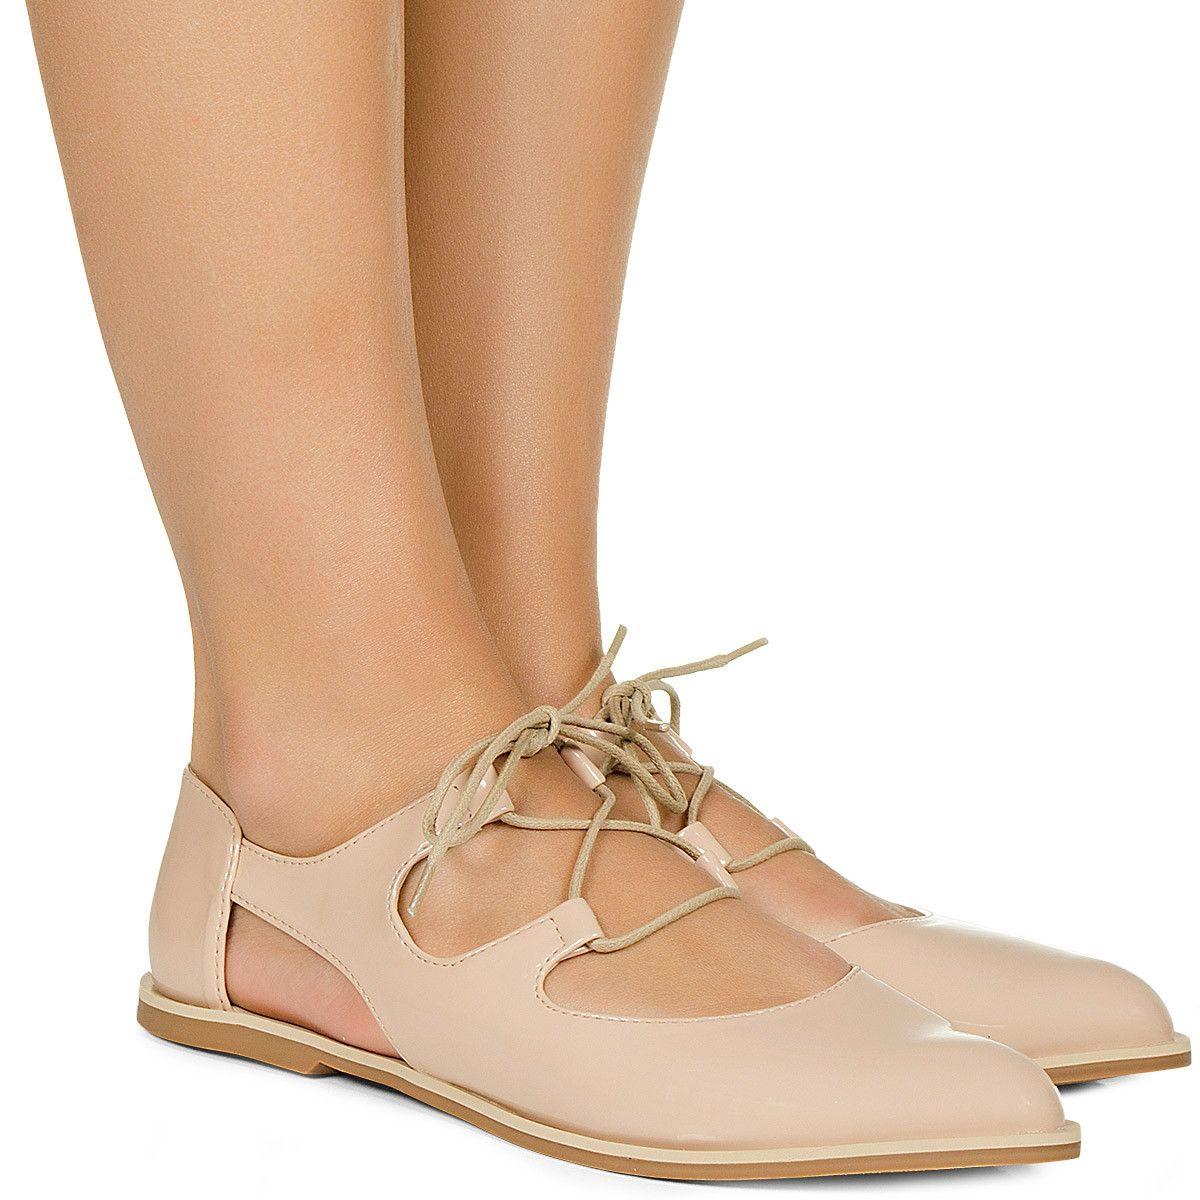 e7fd51ba9 Sapato Oxford Aberto Nude Verniz Taquilla Lojas De Calçados Femininos, Calçados  Femininos Online, Loja